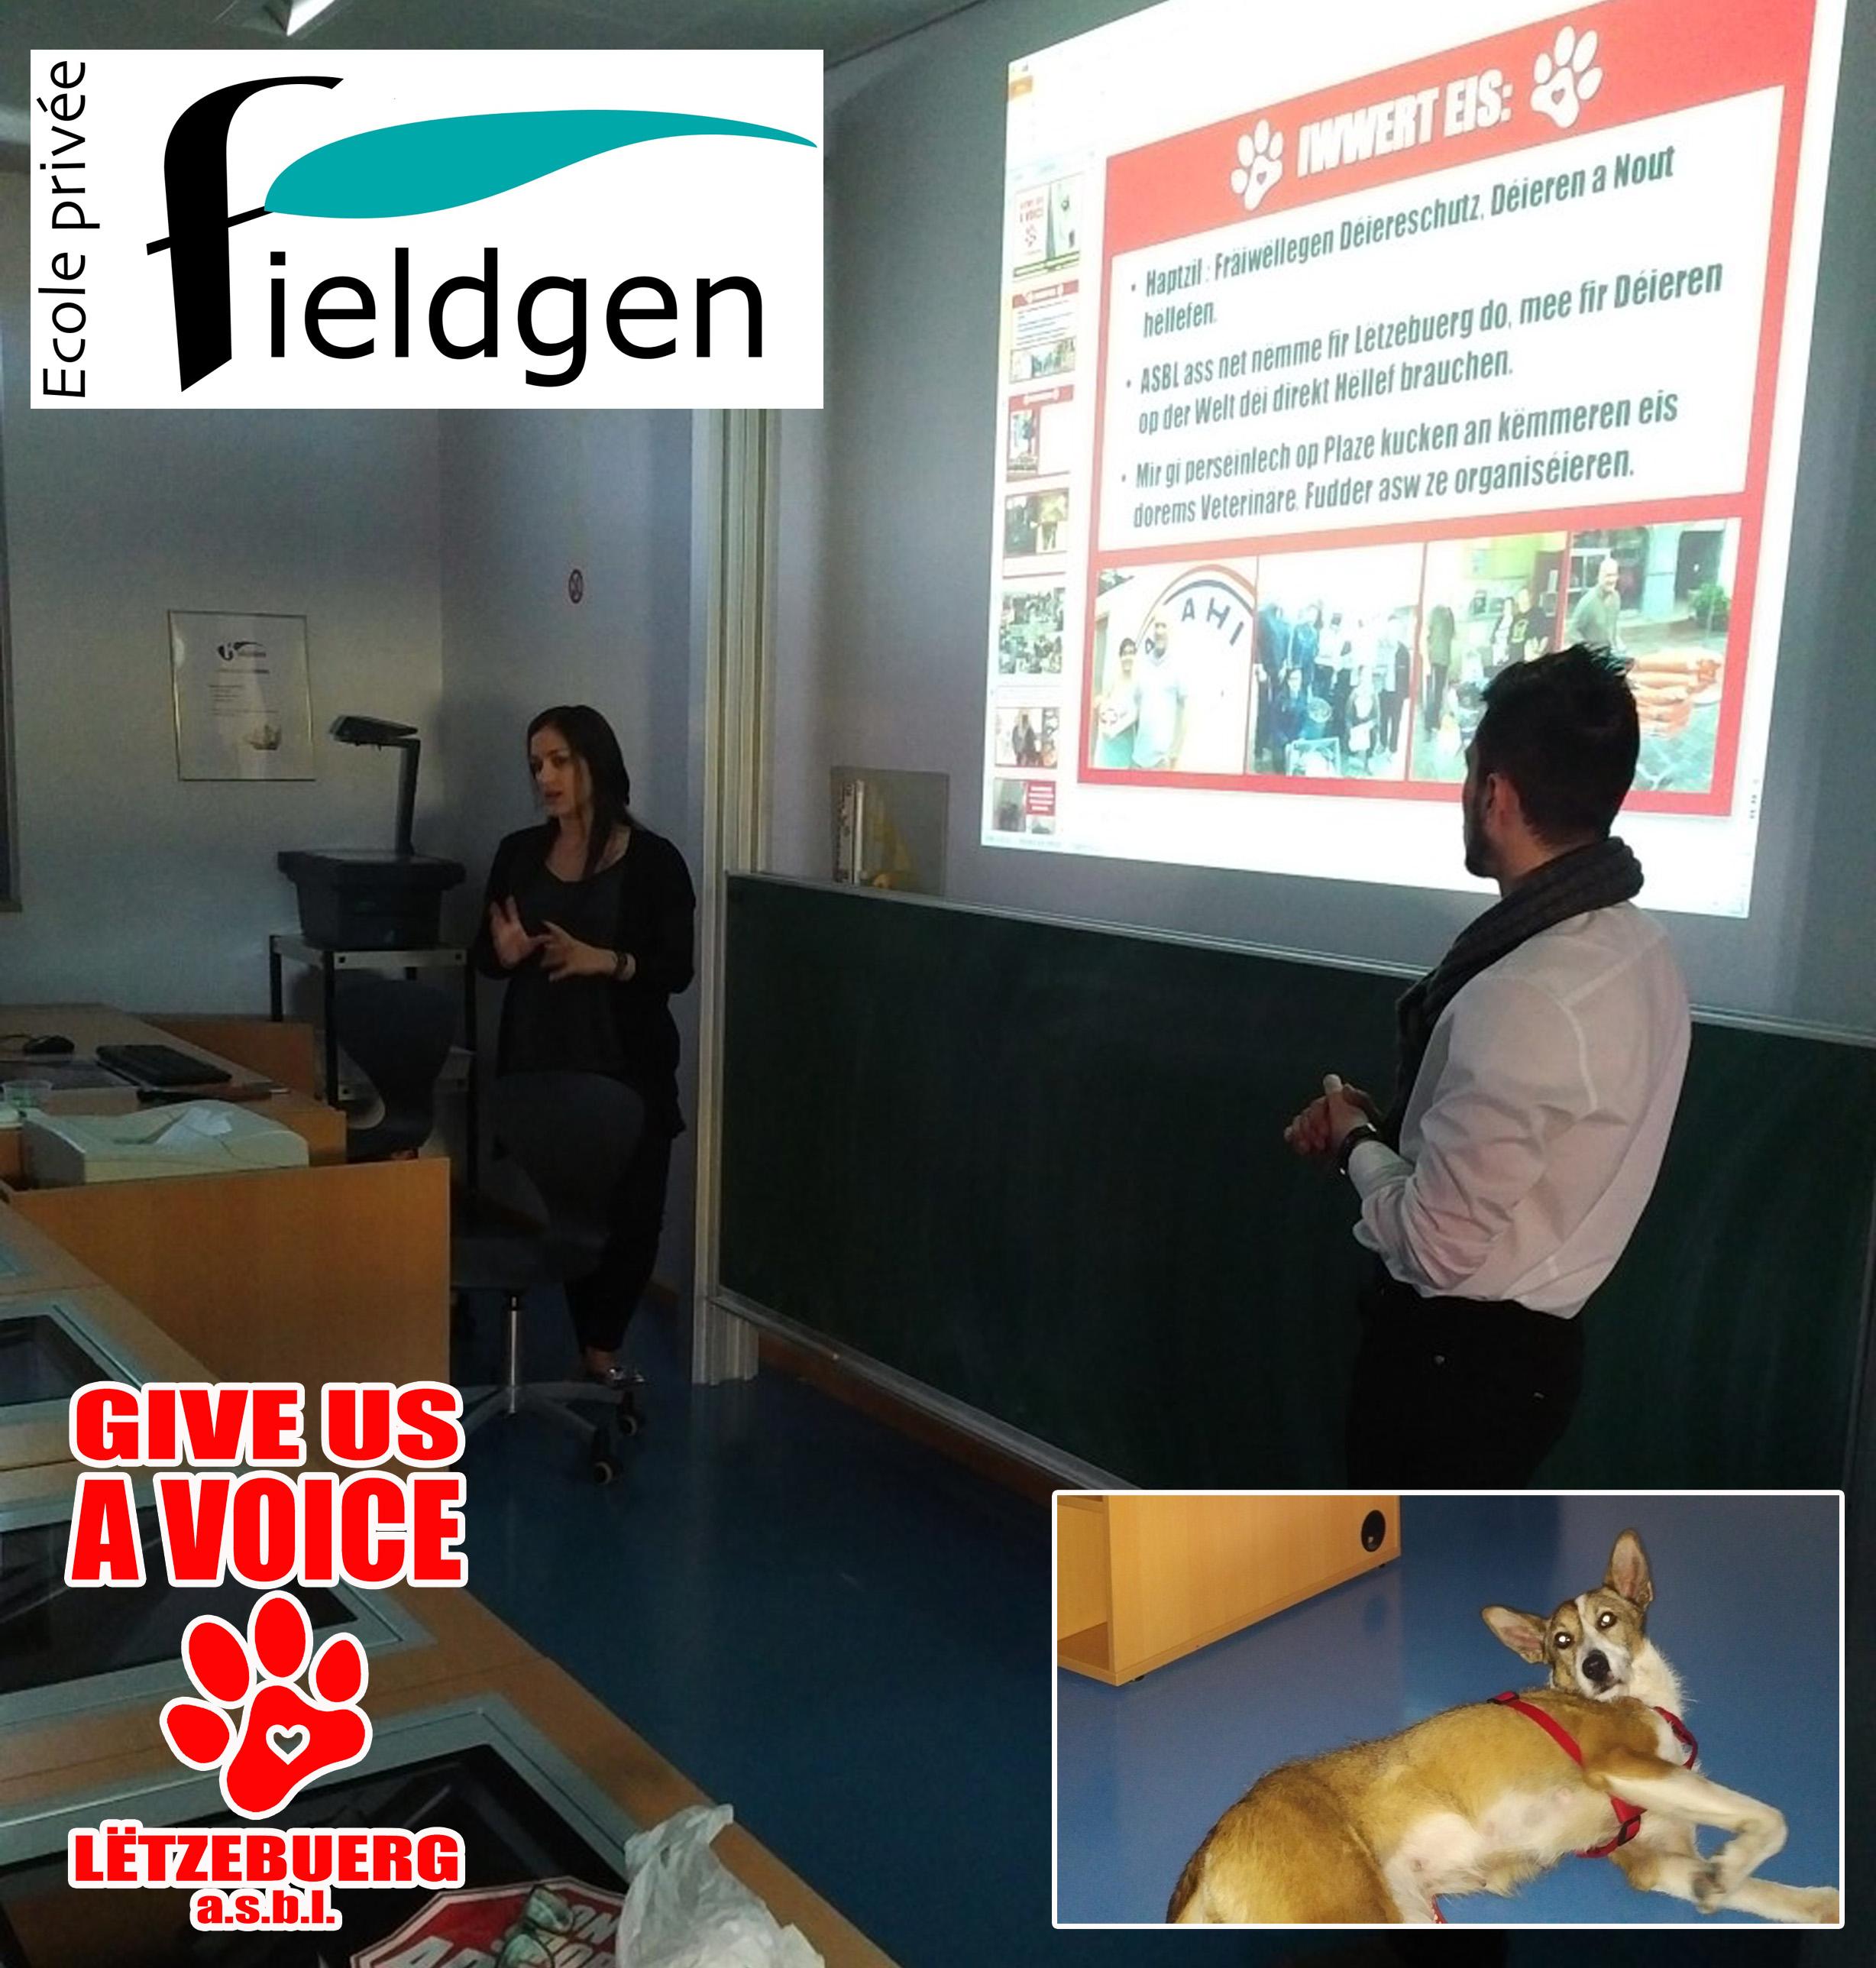 Fieldgen presentation copy